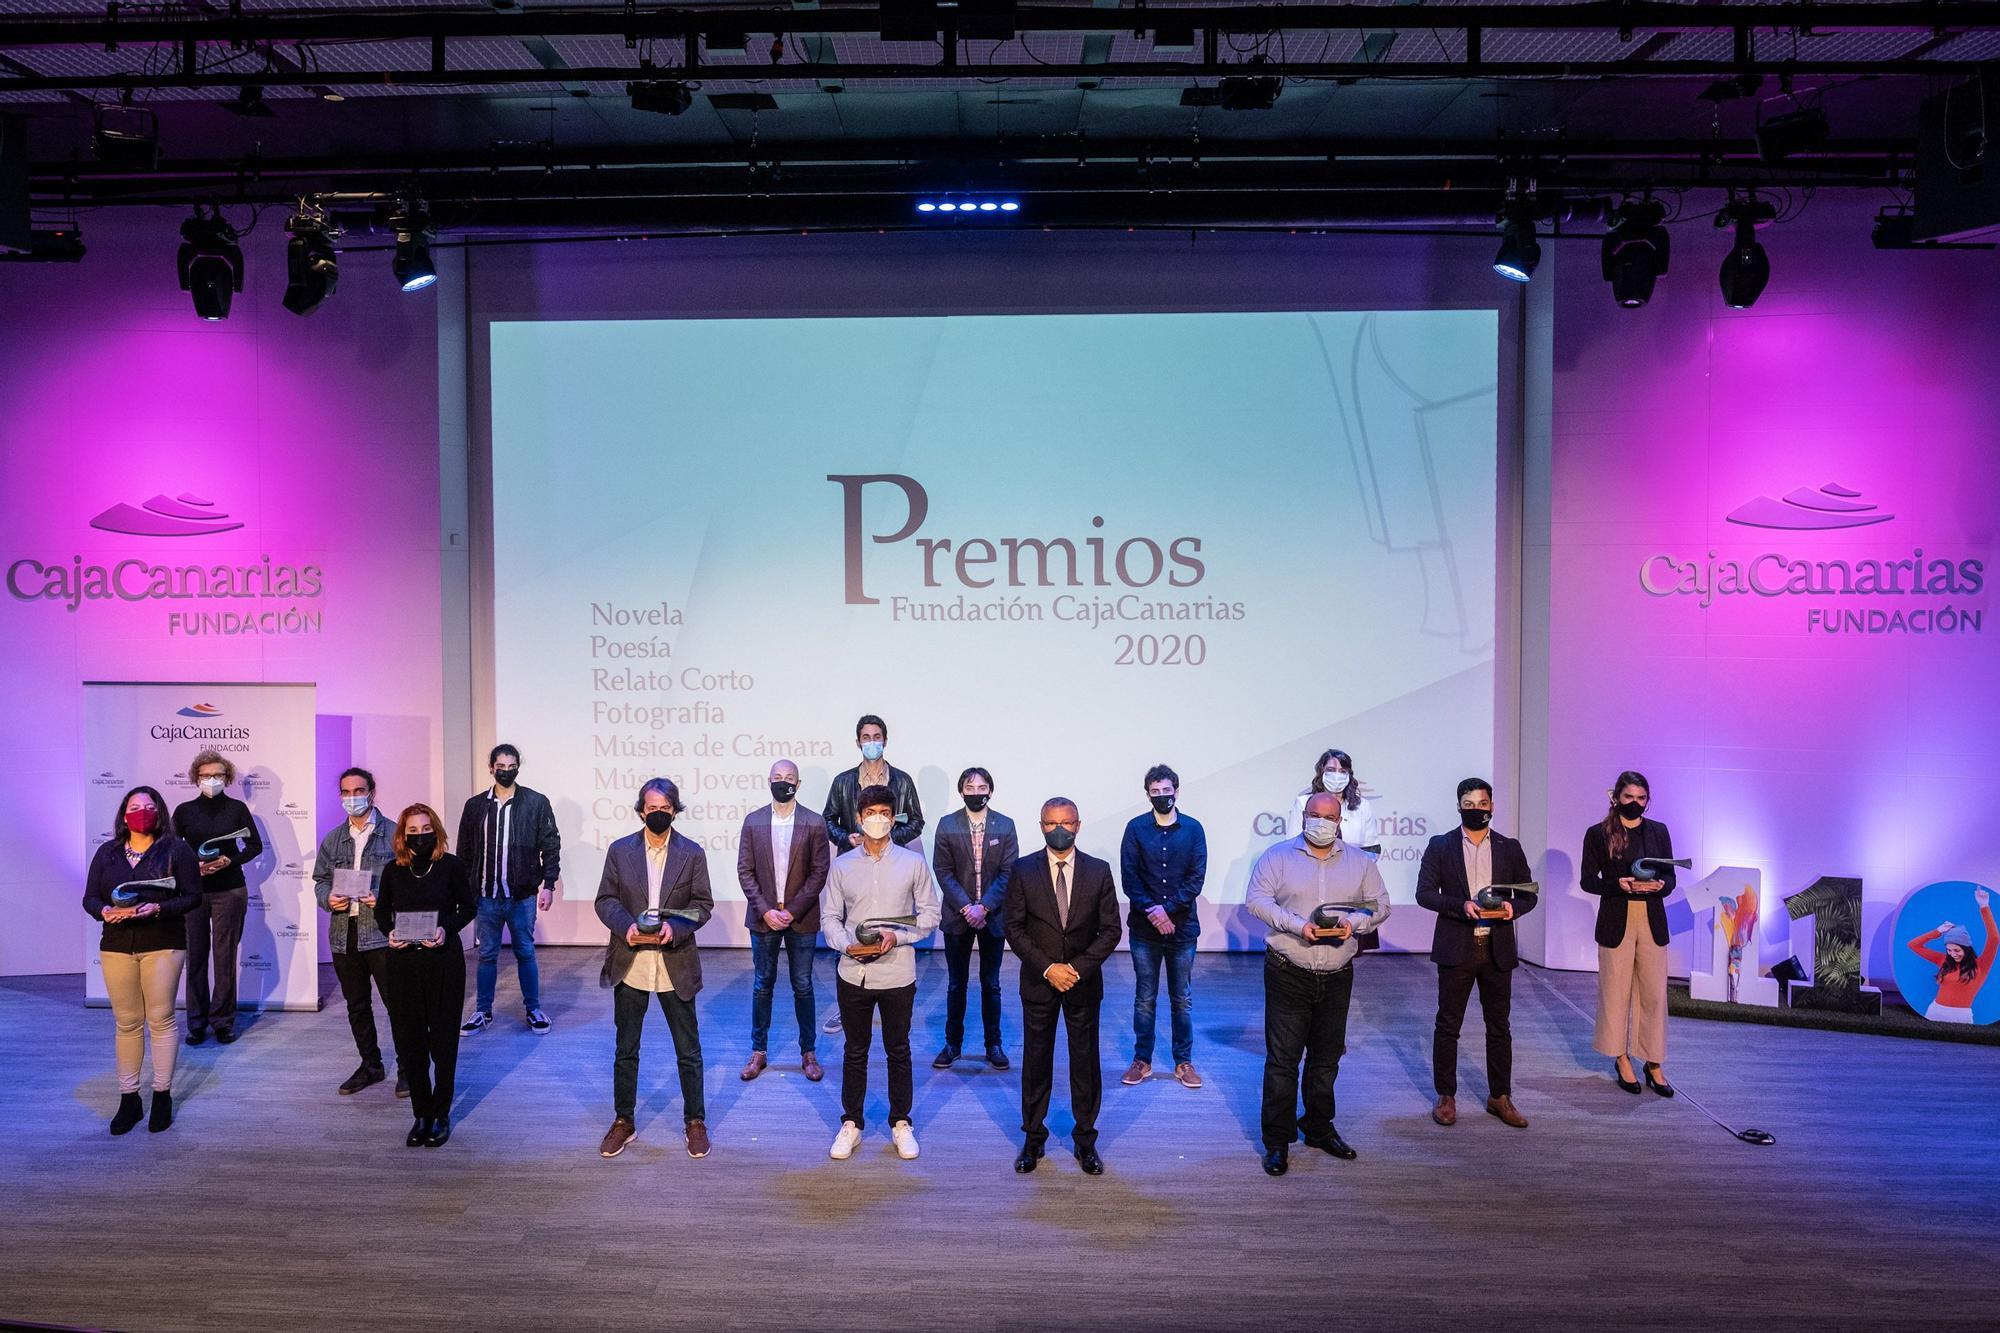 Entrega de los premios culturales de CajaCanarias 2020